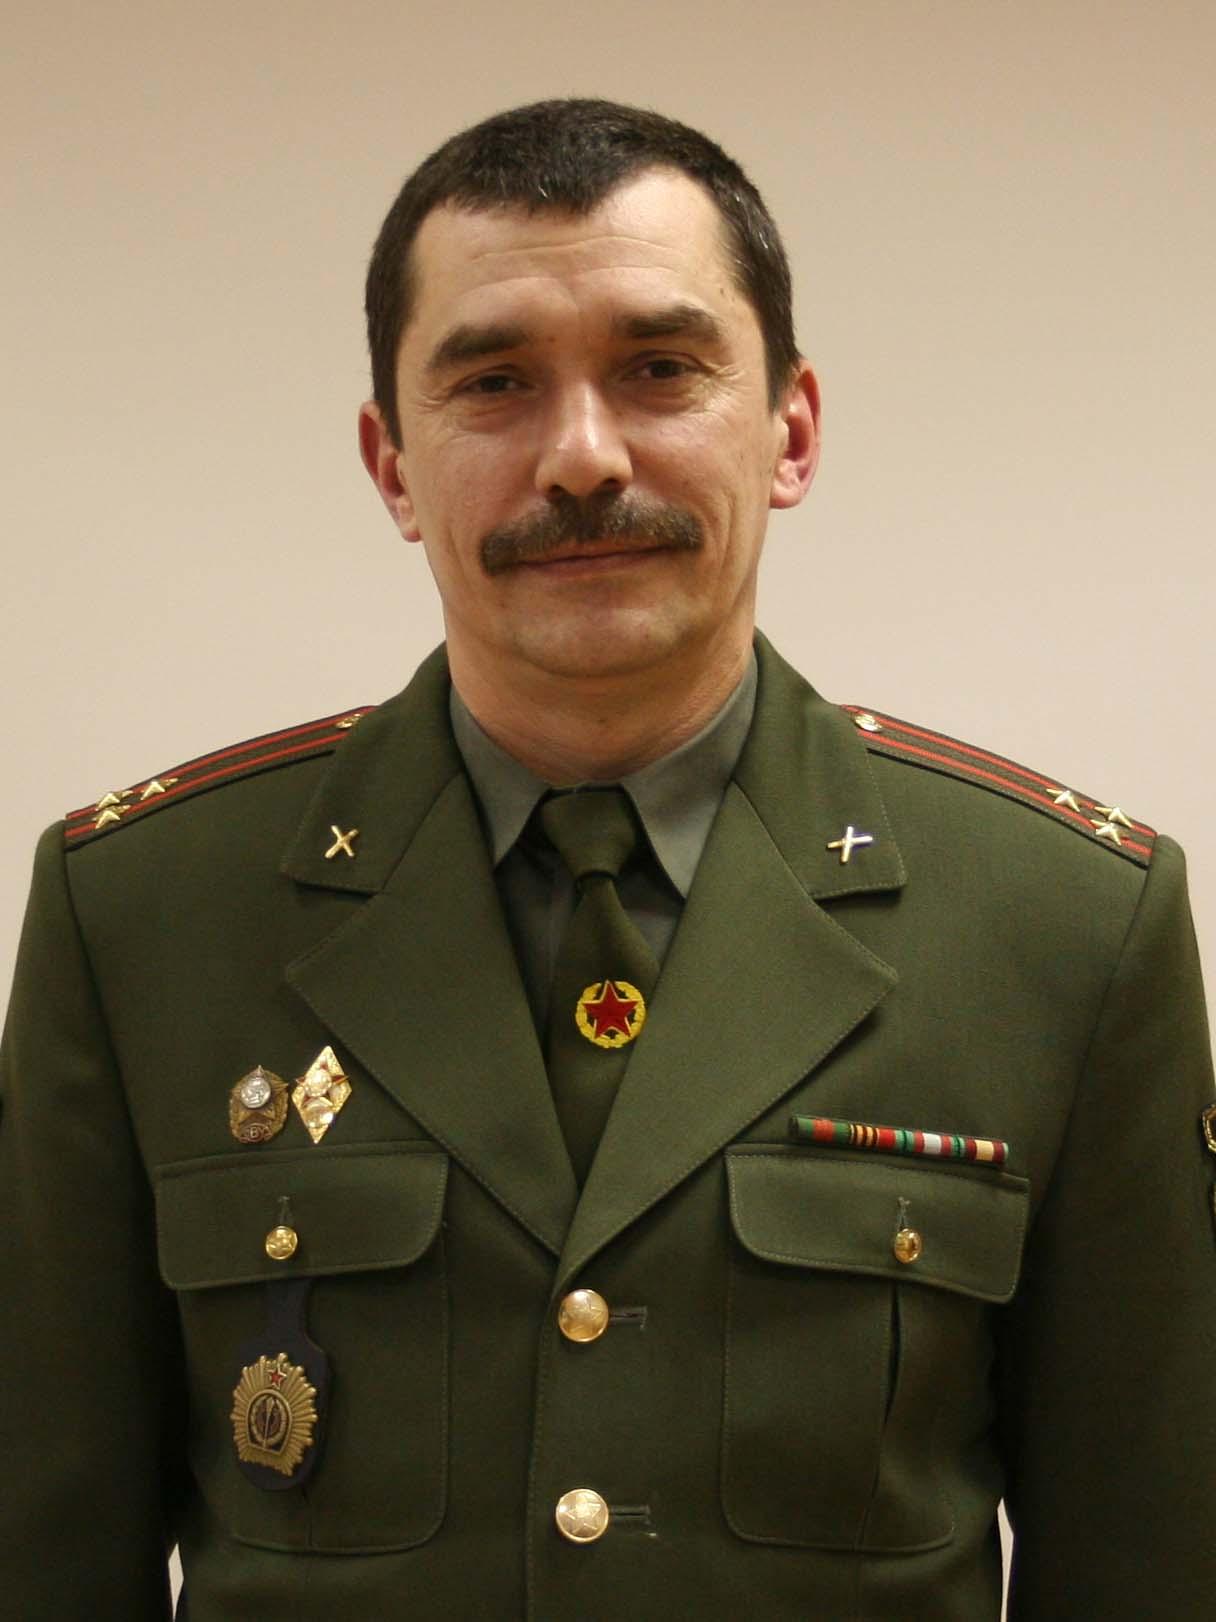 ЛИСТОПАД Сергей Николаевич